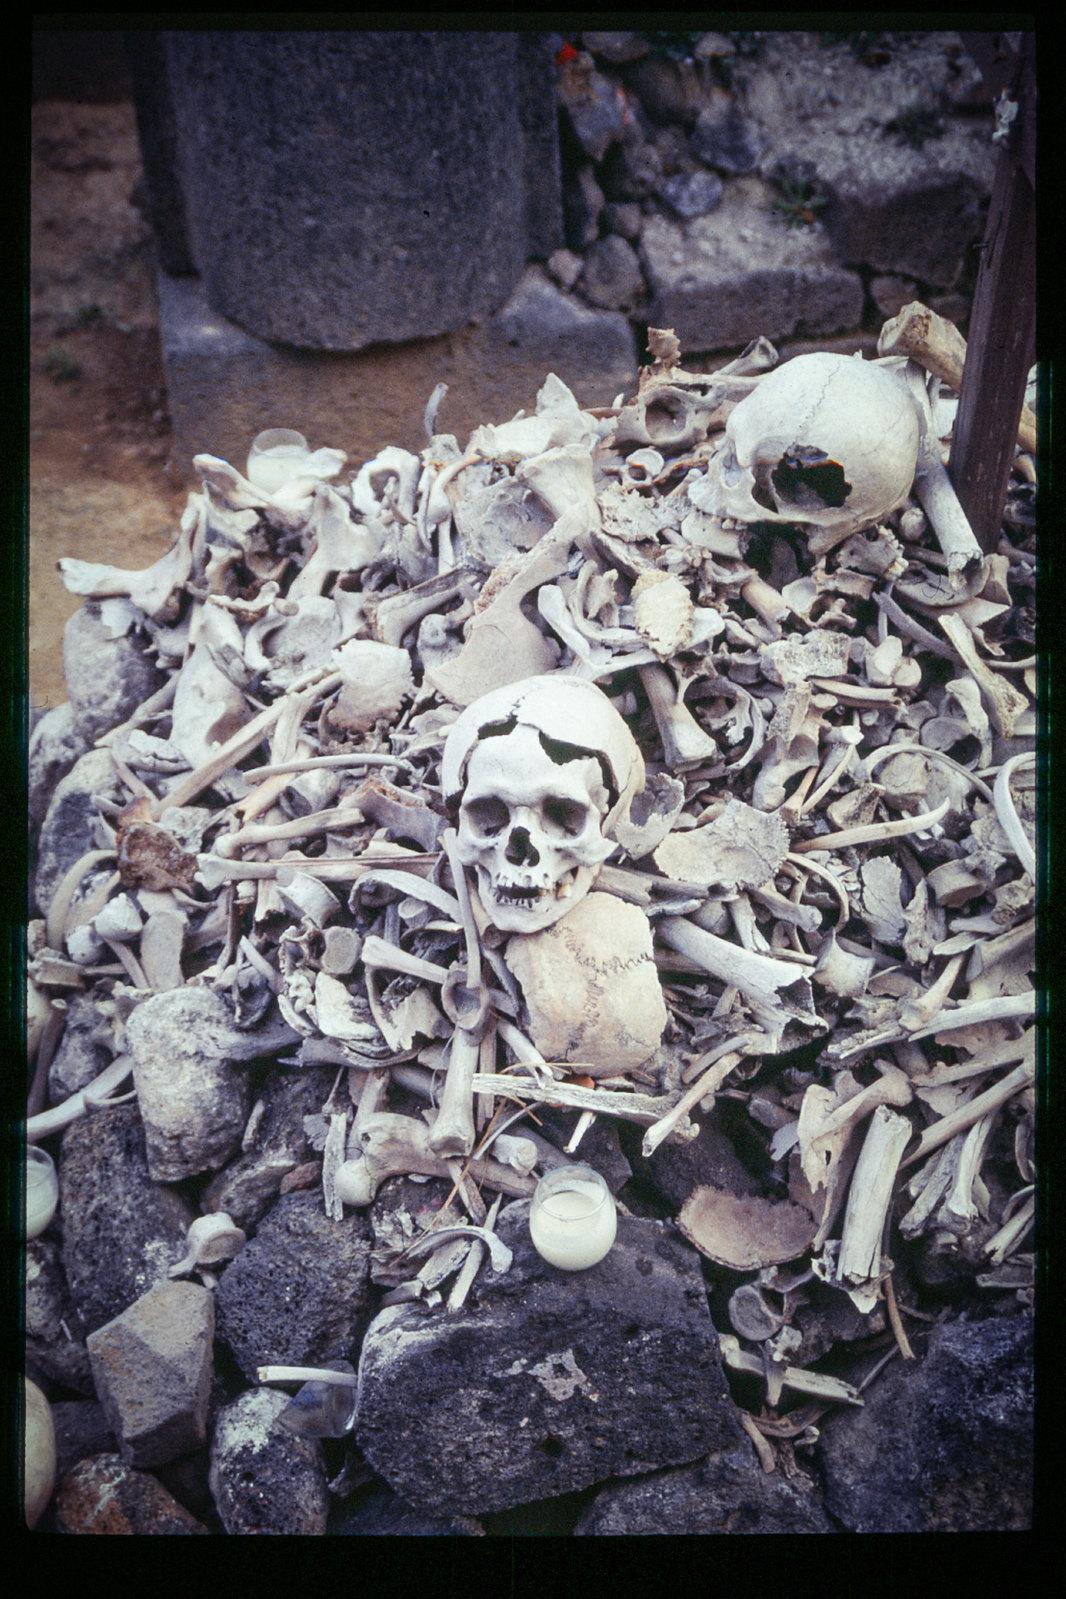 Fête des morts à Mexico - Crânes et squelettes humains